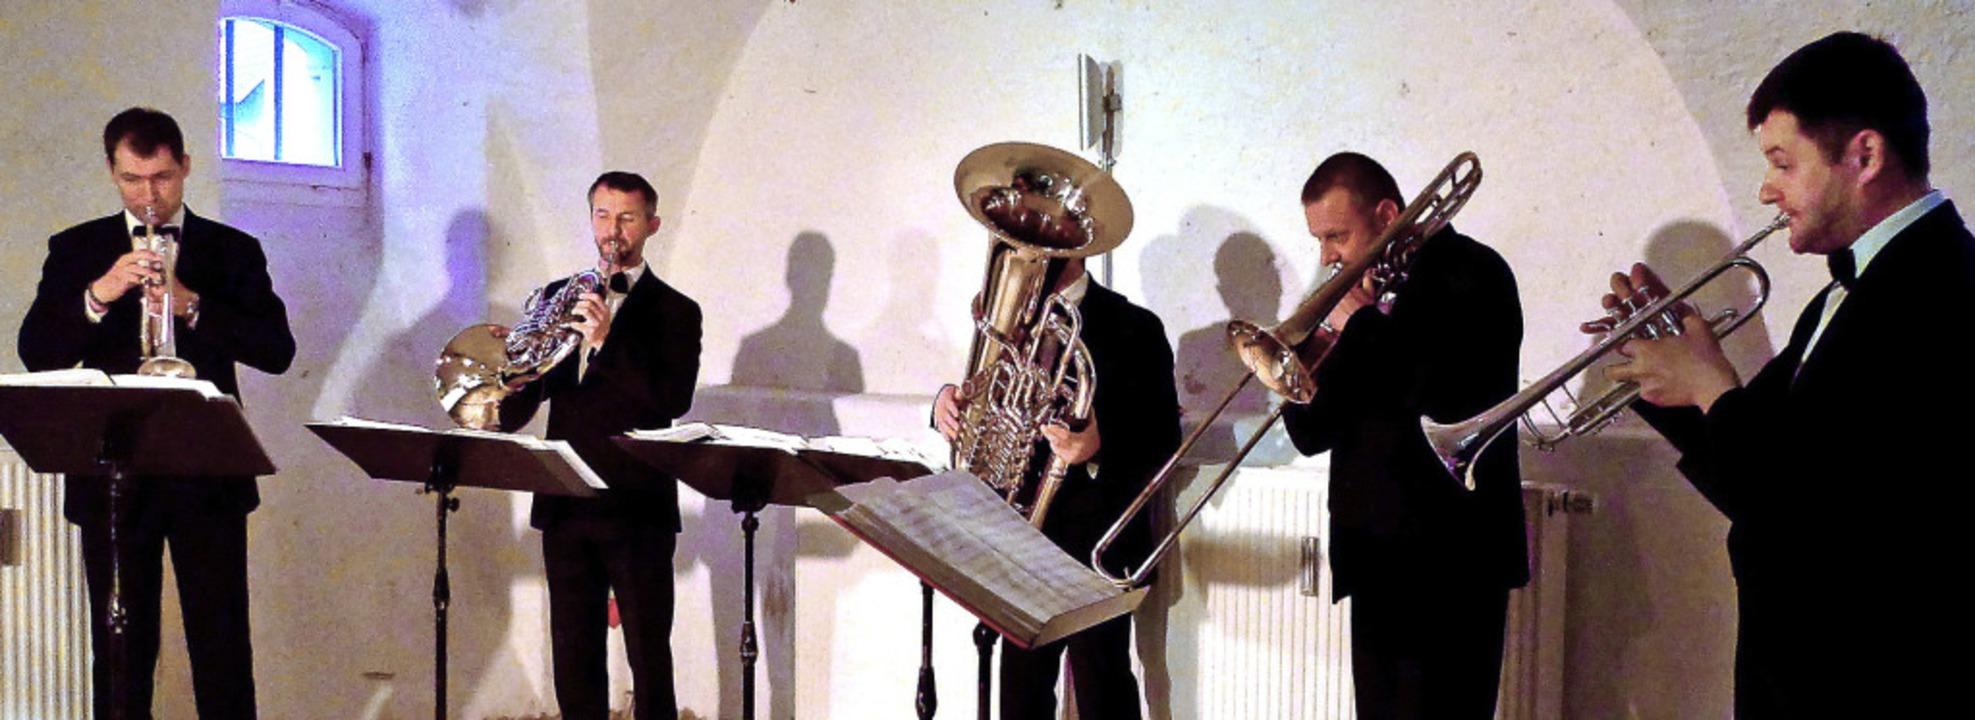 Die Bläserformation Brass Quintett Aca...ew begeisterte mit großer Virtuosität.  | Foto: Ute Schöler